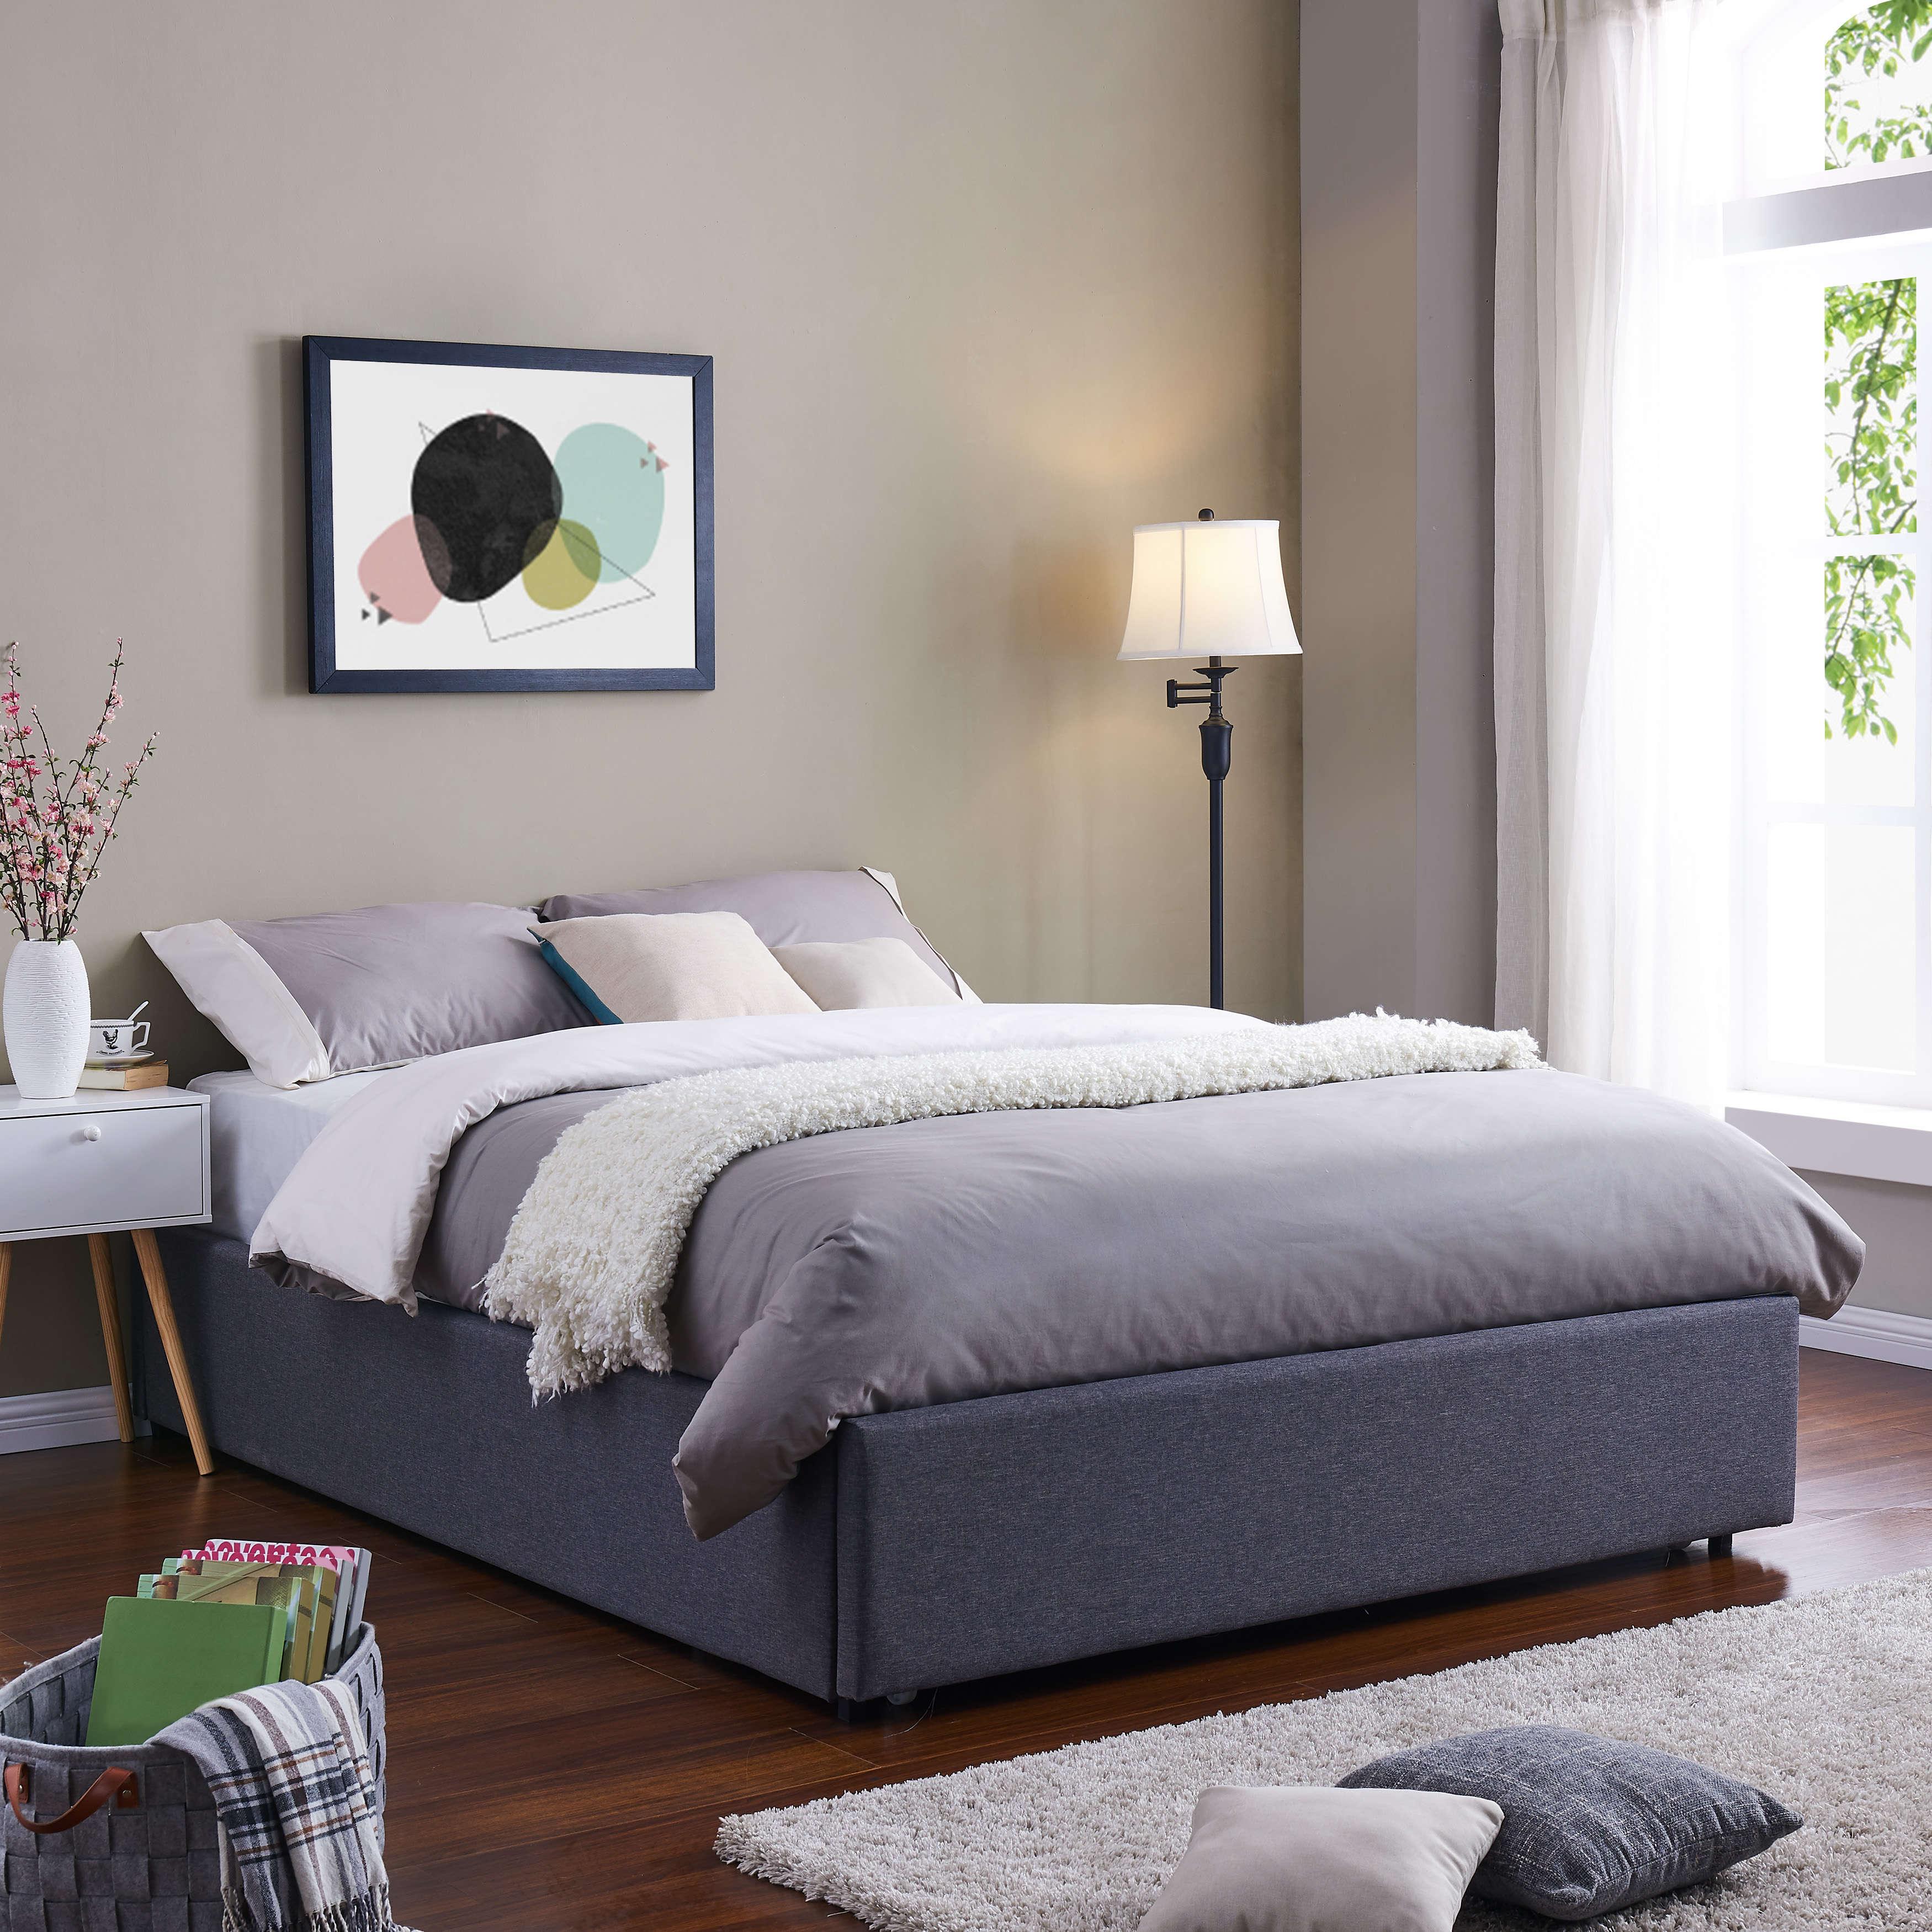 Mainstays Upholstered Storage Platform Bed, Eastern King, Grey